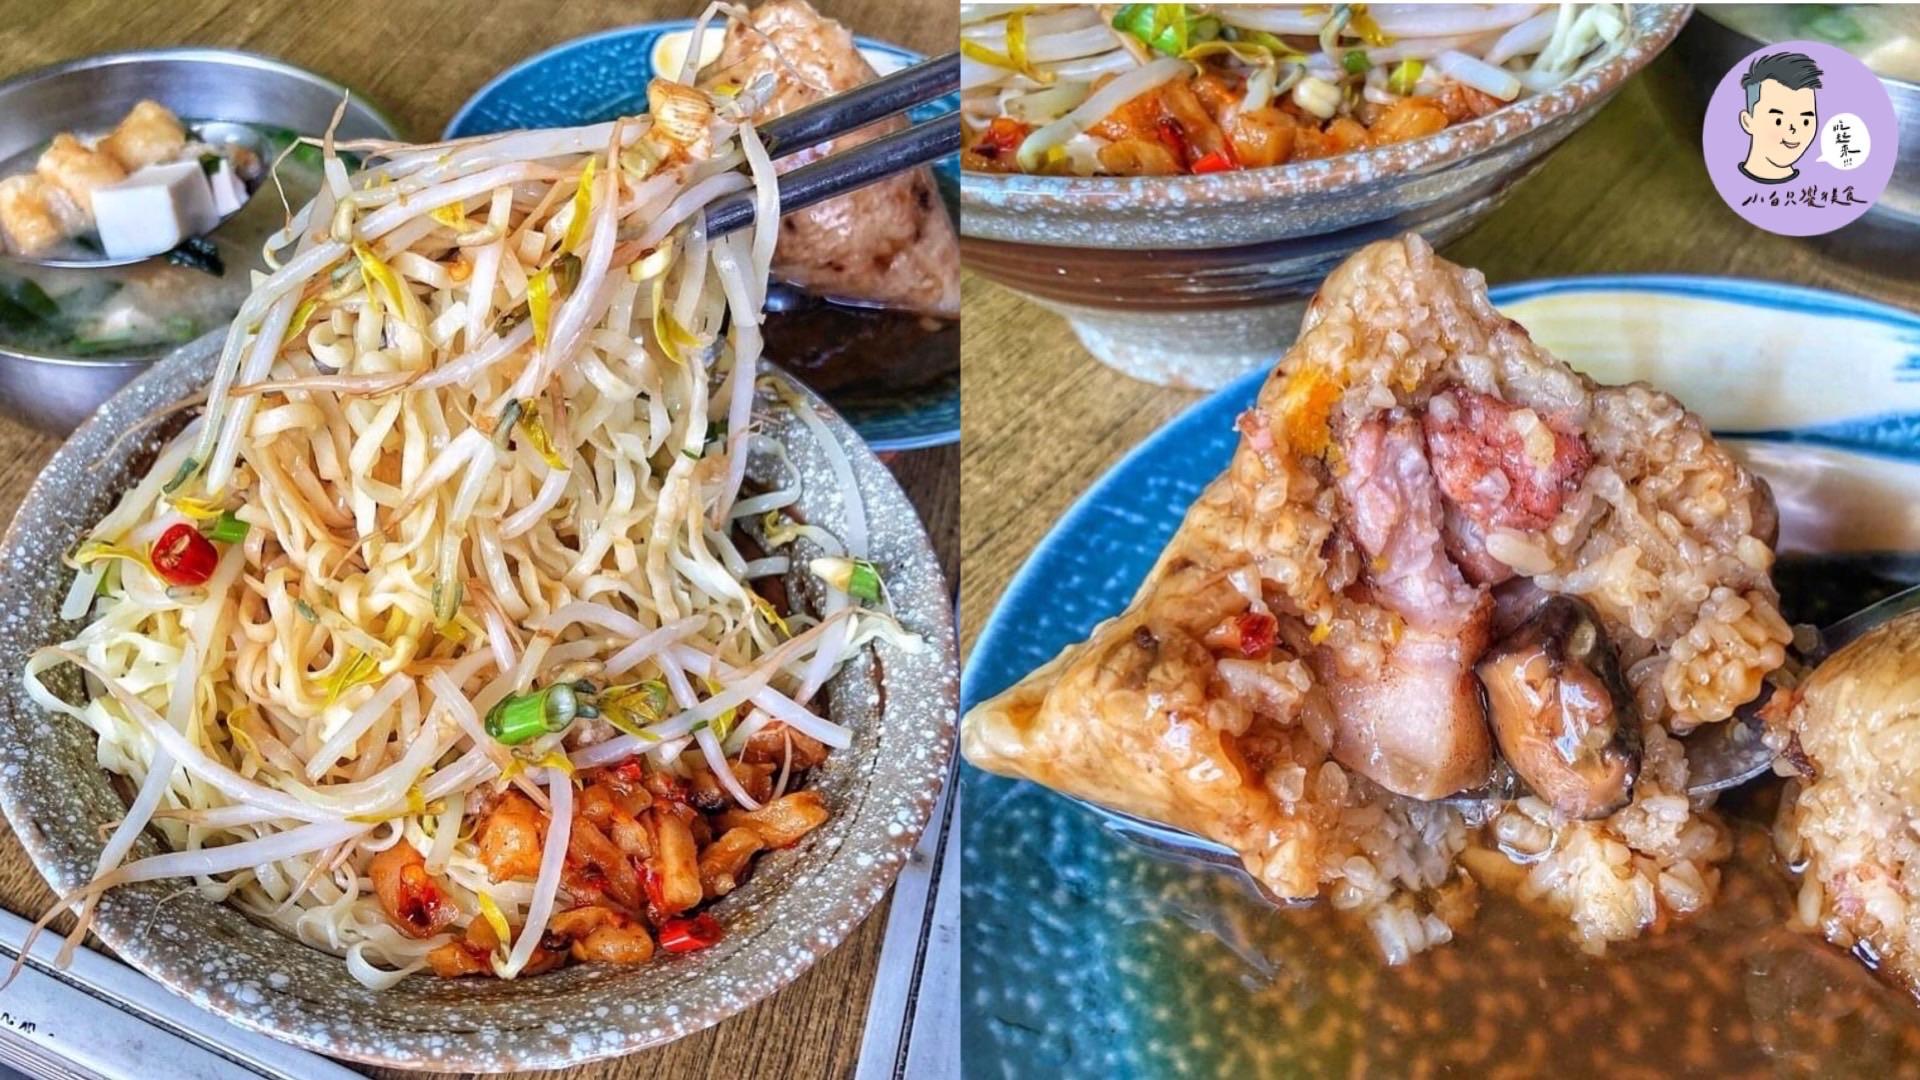 【台南美食】崑山隱藏版銅板小吃!肉粽一顆35元便宜好吃 豆菜麵也別錯過 – 吳家肉粽|永康區美食